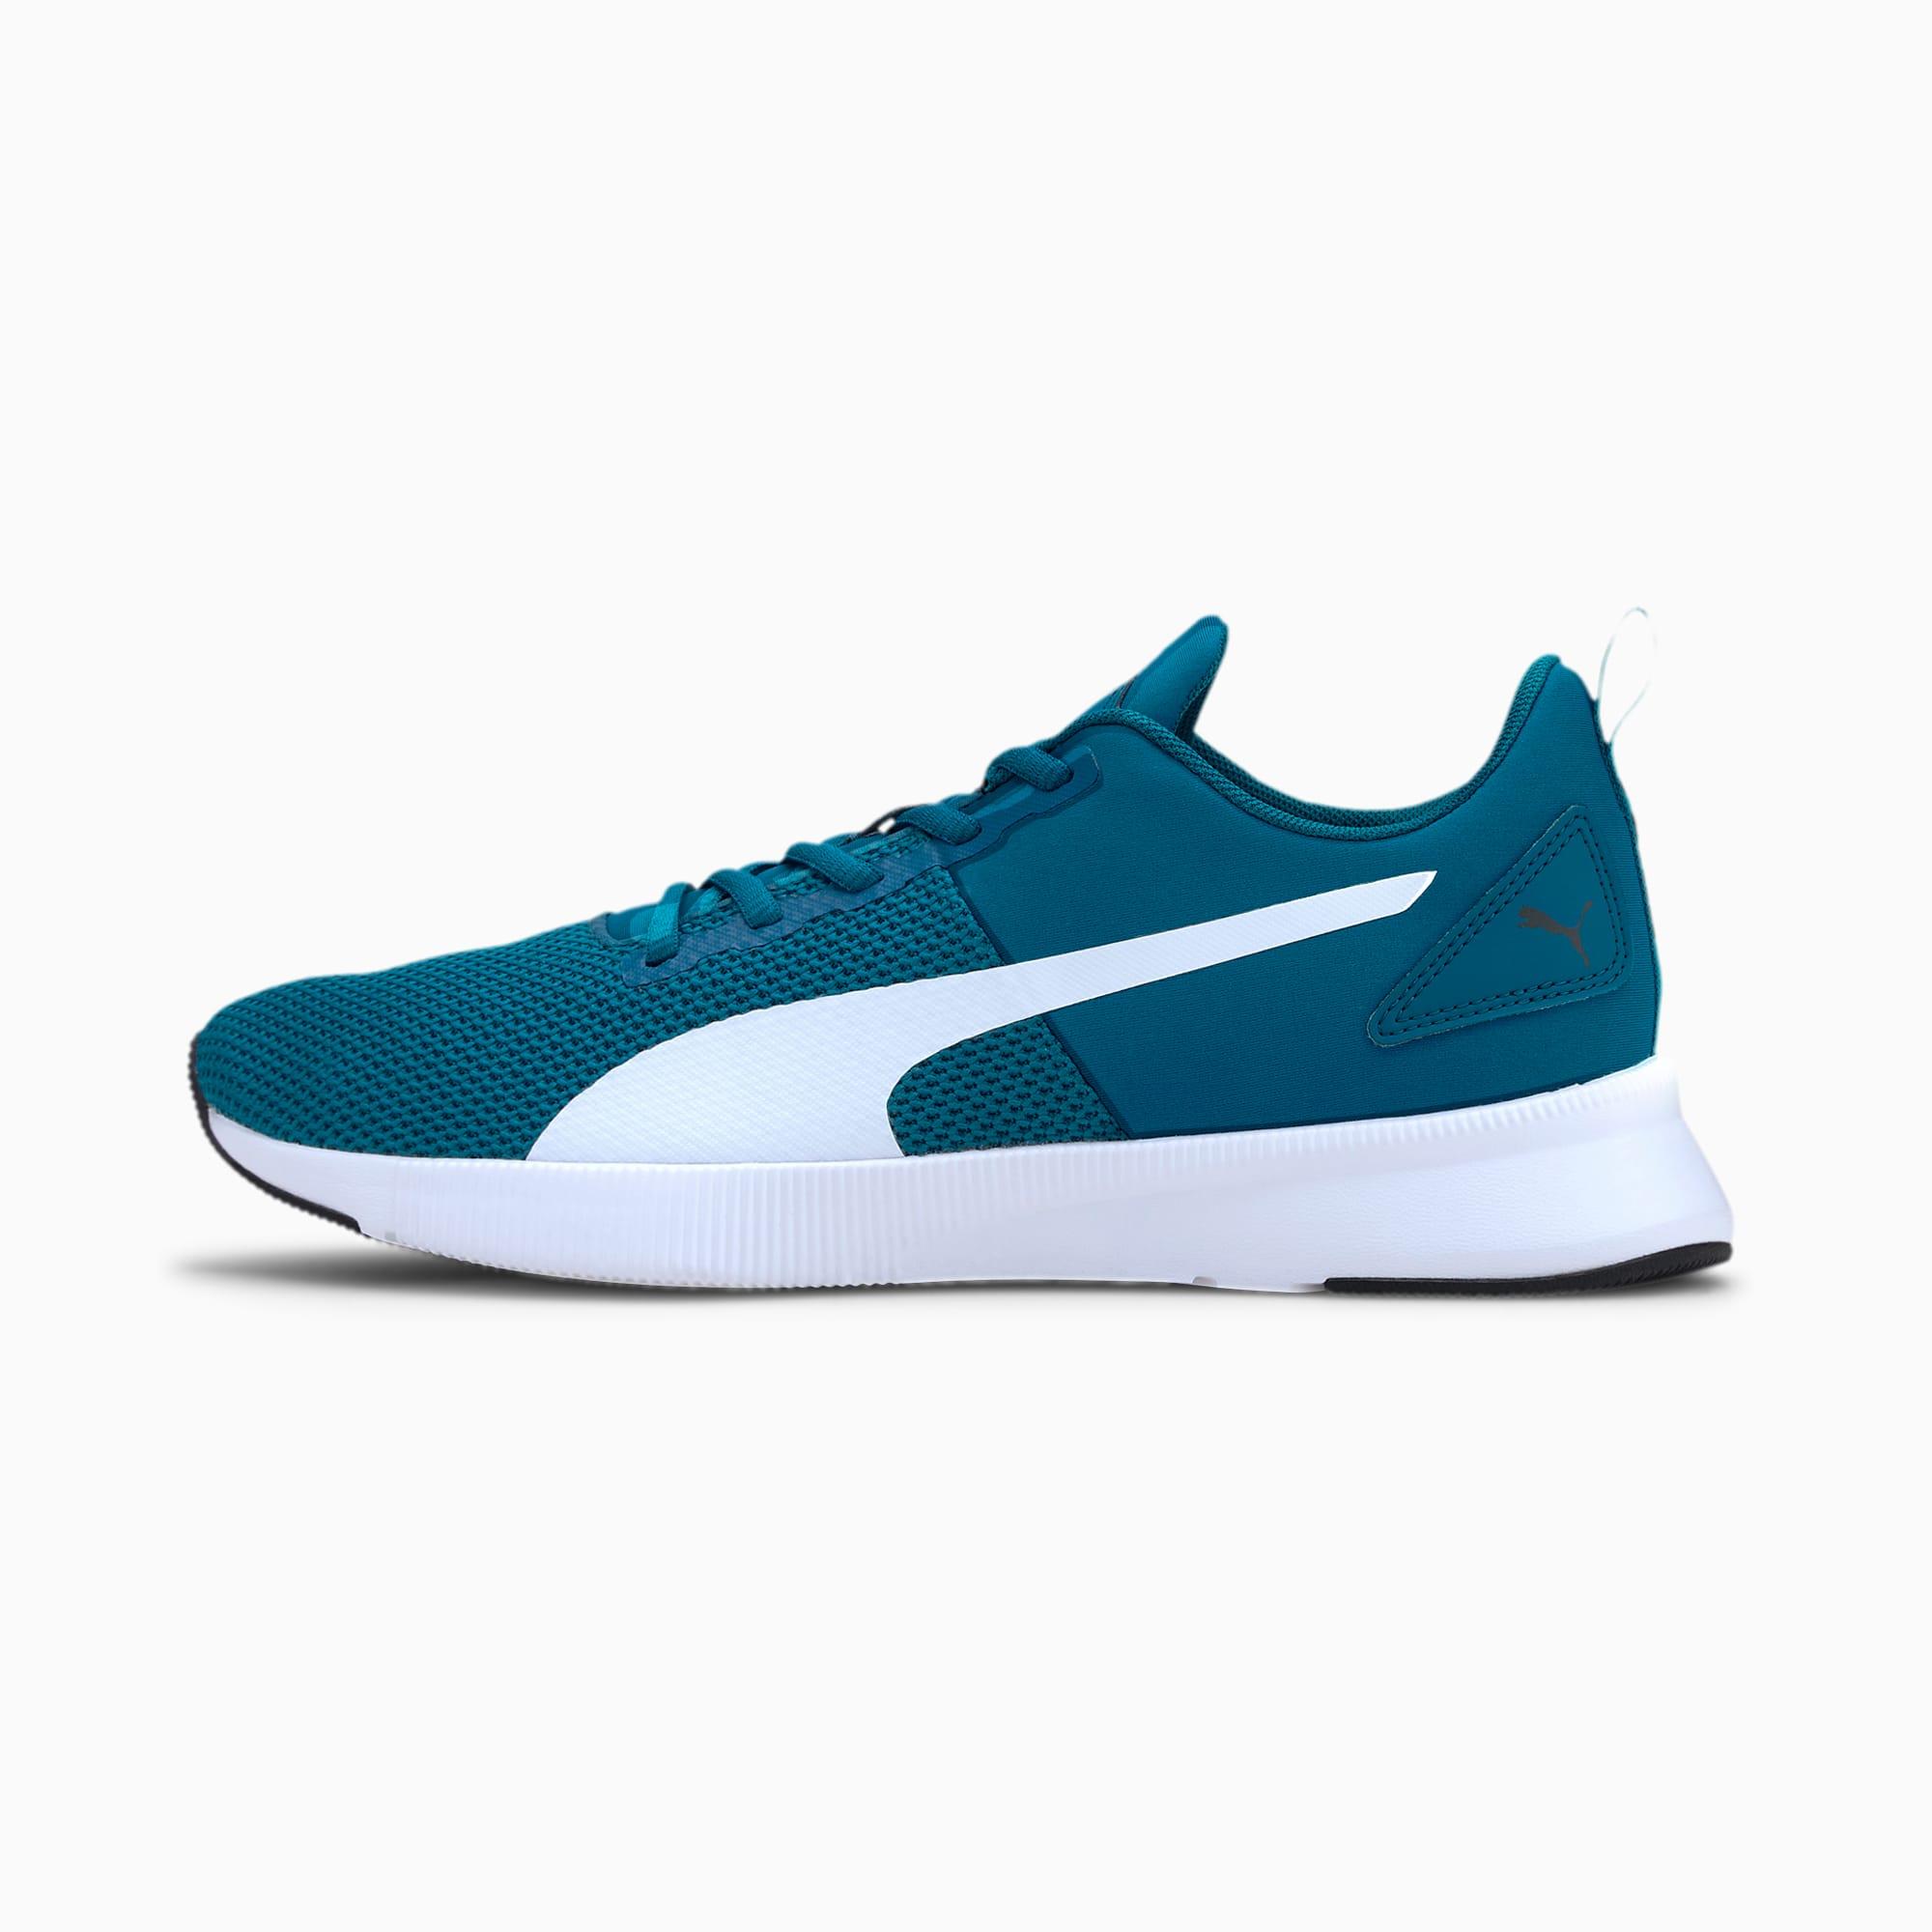 PUMA Chaussure de course Flyer Runner, Blanc/Bleu, Taille 38, Chaussures